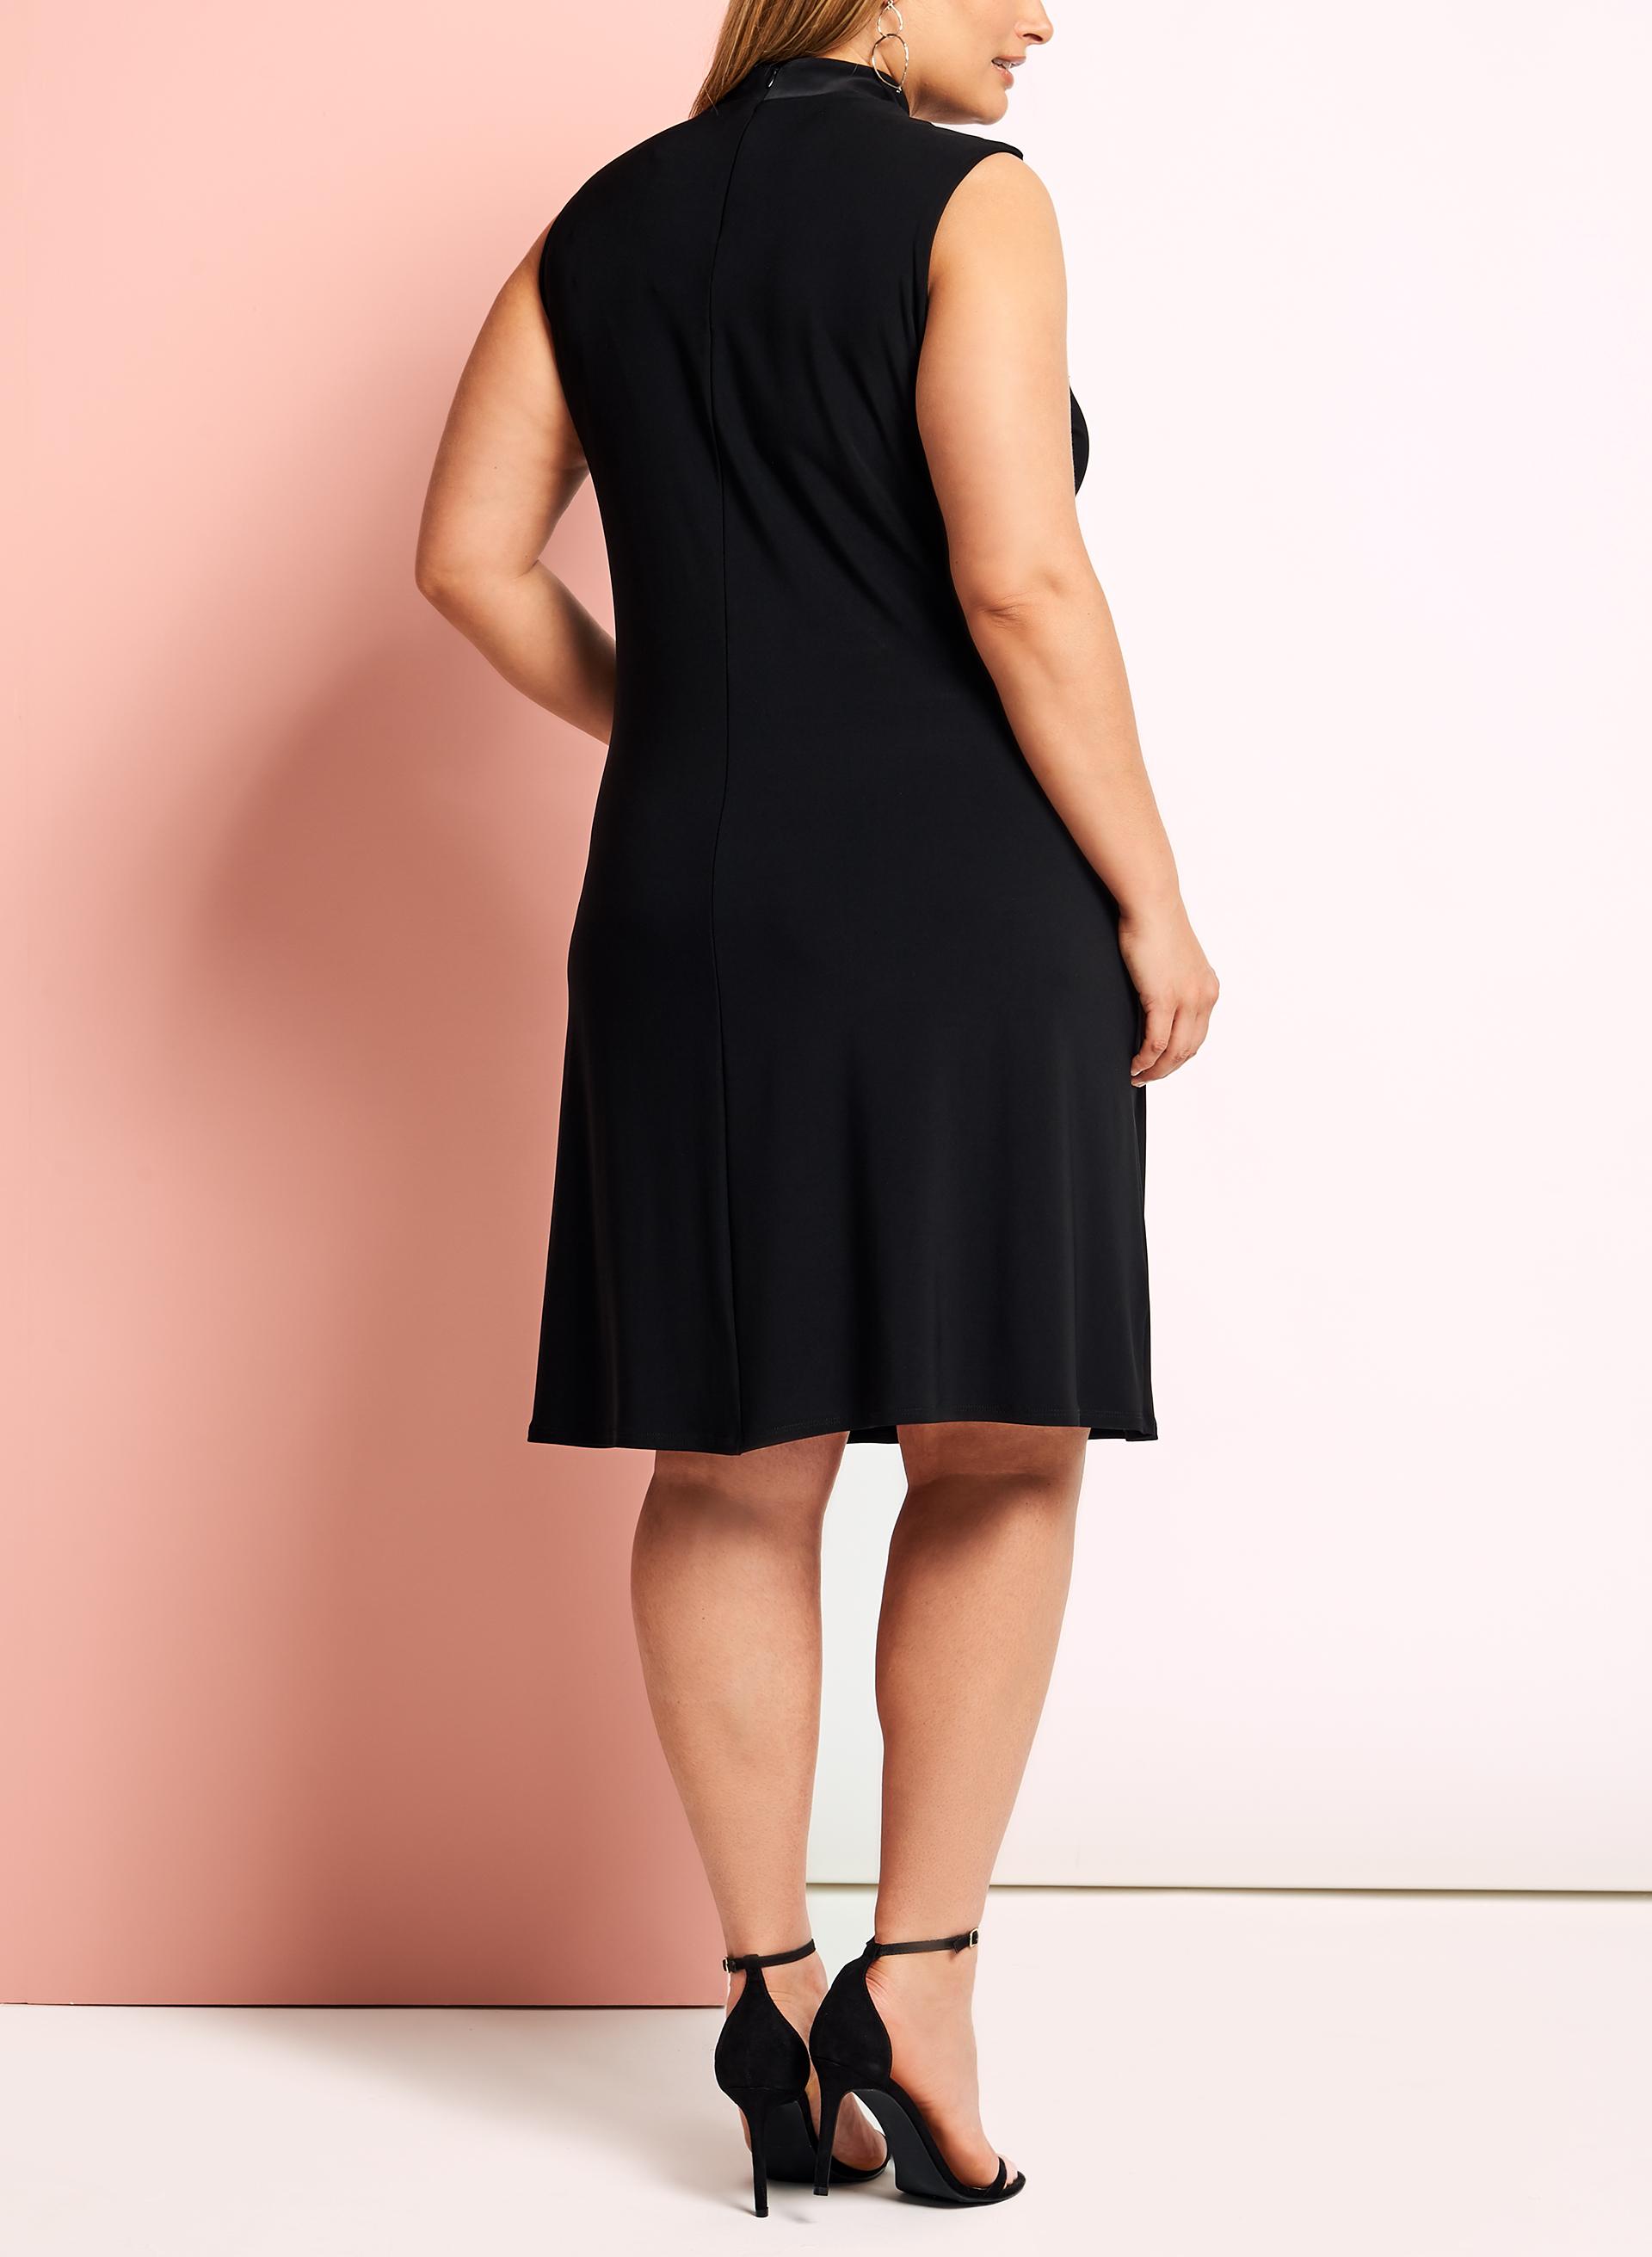 robe trap ze avec col ras de cou livraison gratuite laura. Black Bedroom Furniture Sets. Home Design Ideas